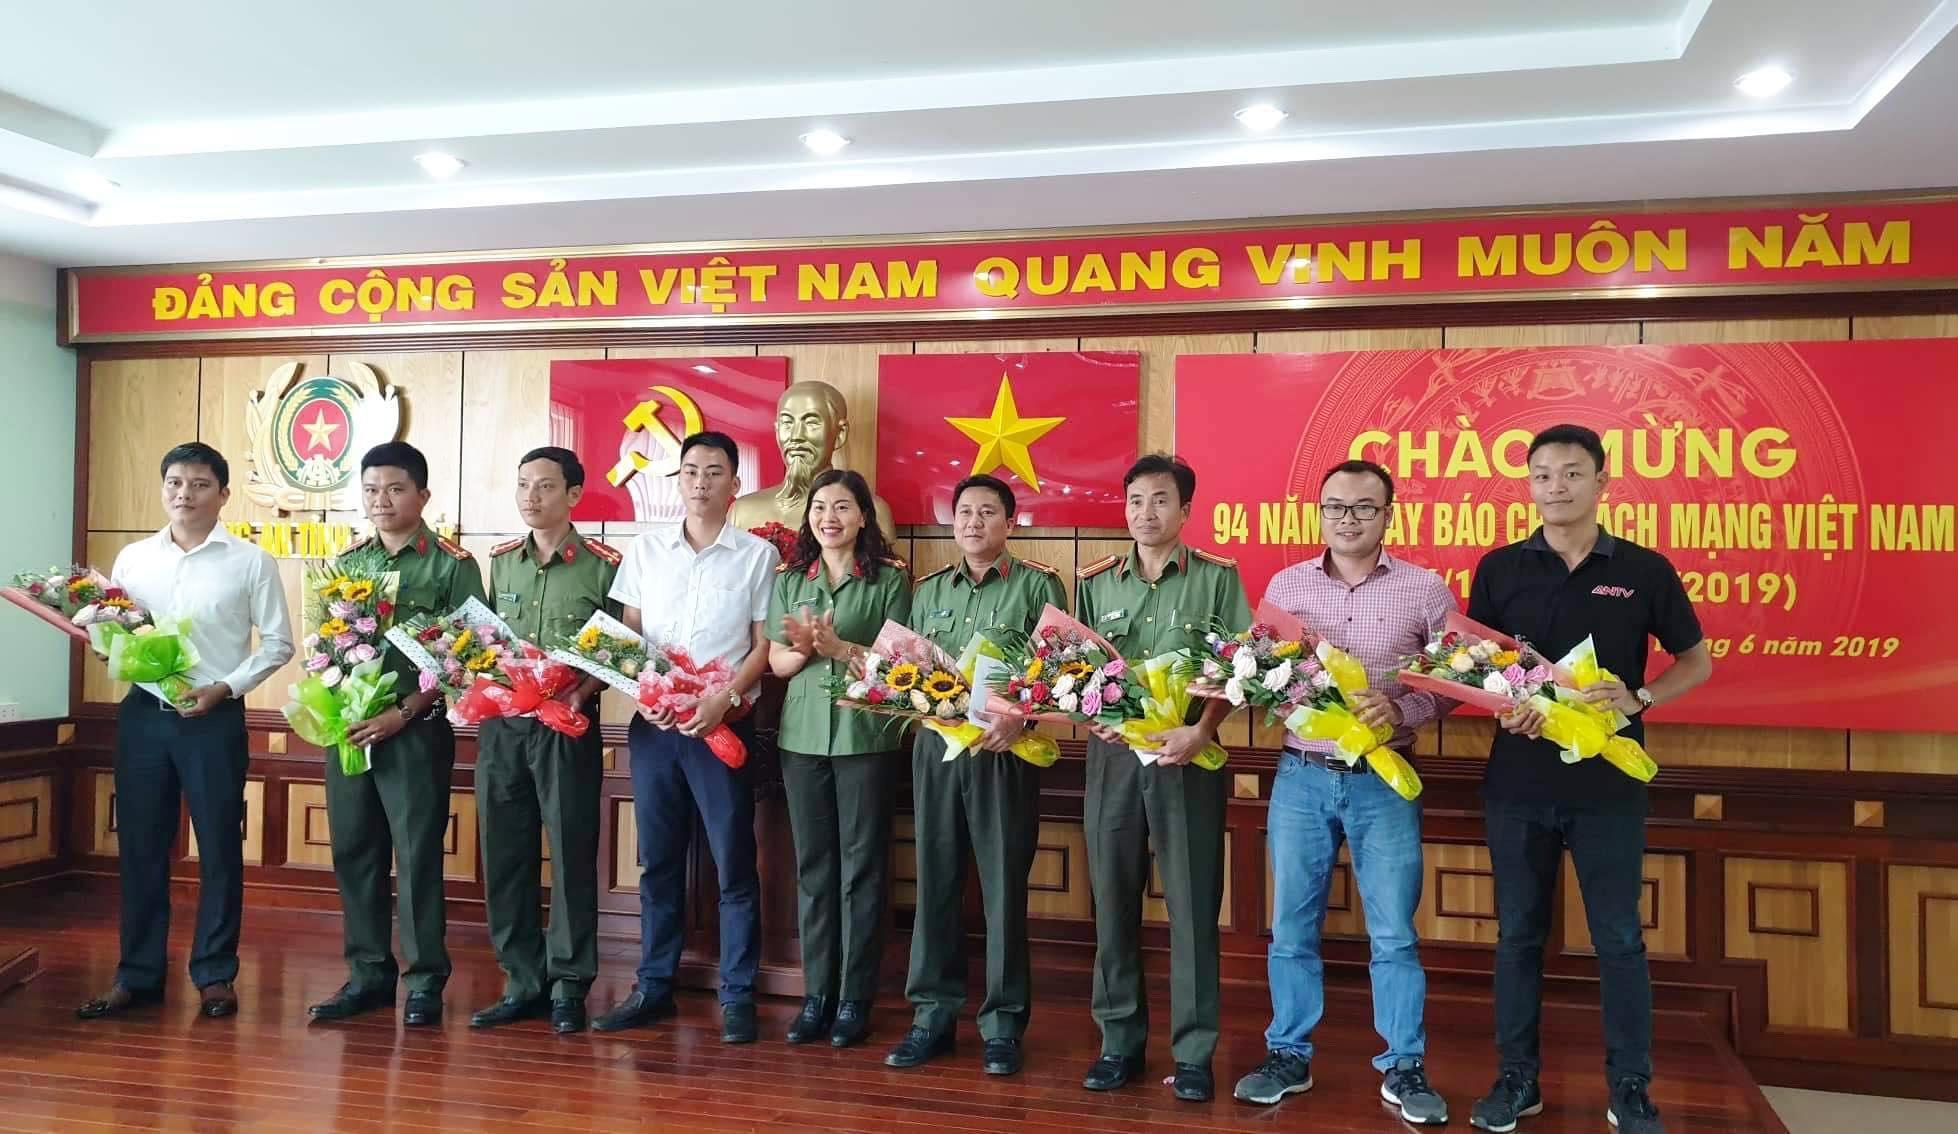 Công an tỉnh Đắk Lắk phối hợp hiệu quả với các cơ quan báo chí